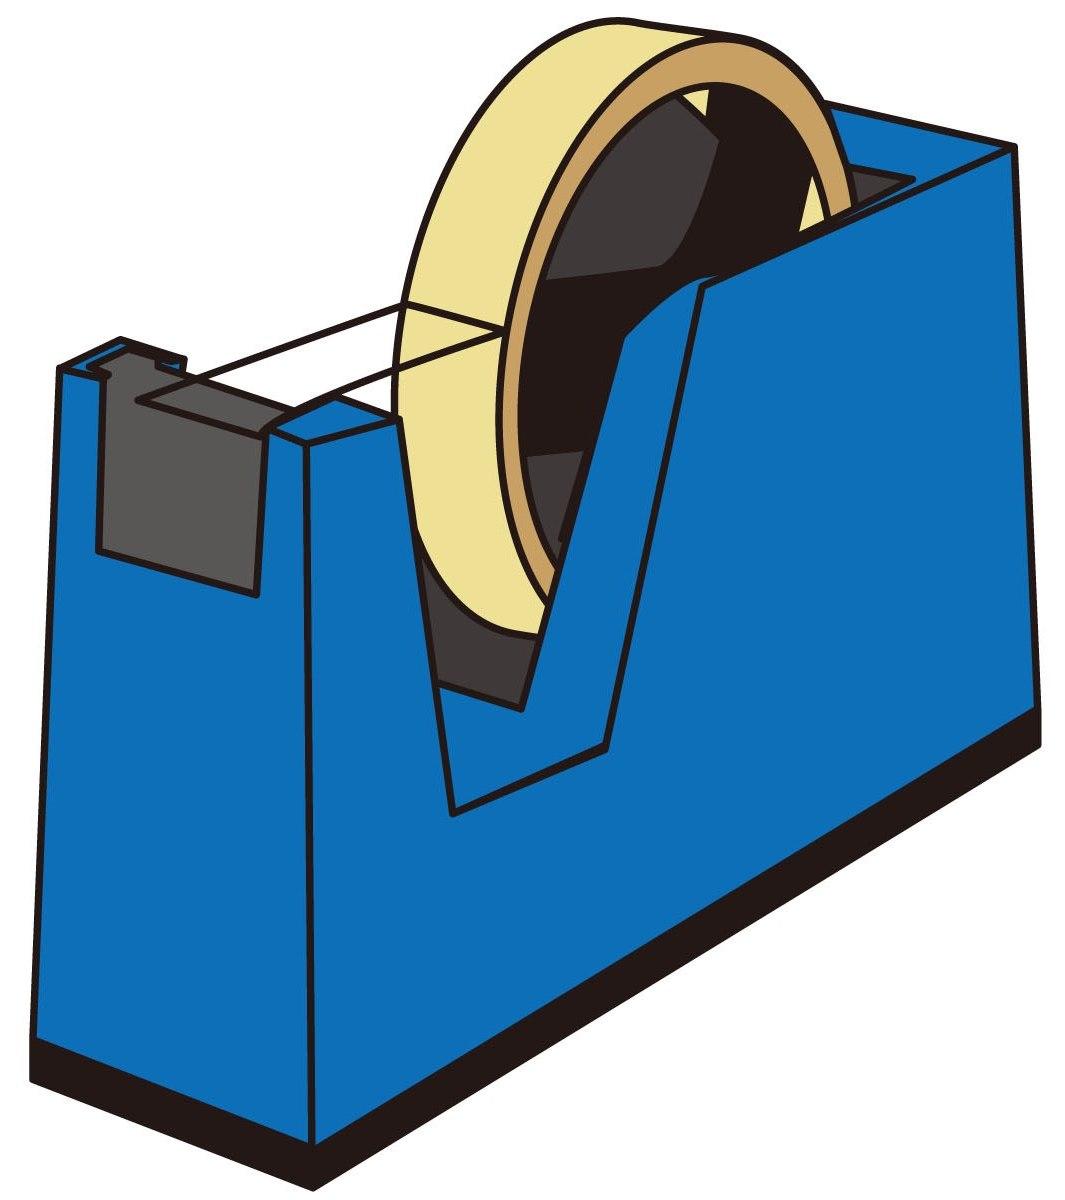 セロテープのイメージ画像